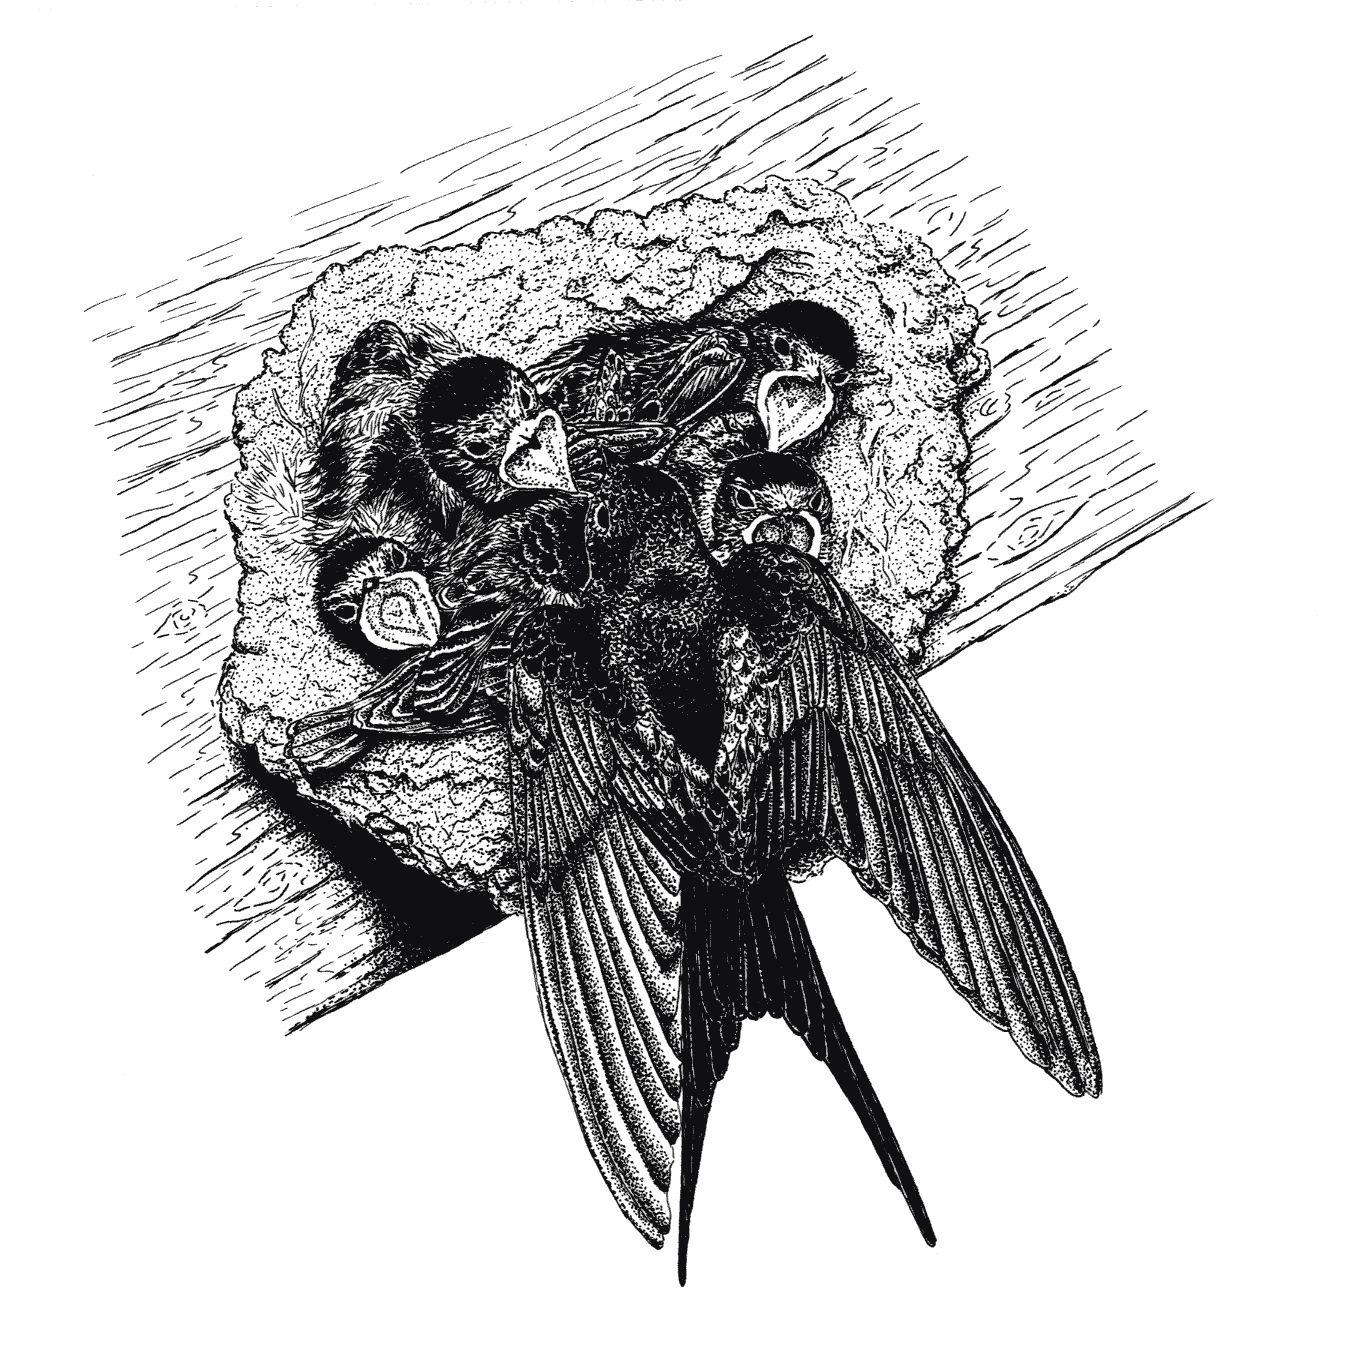 Association Oiseaux Nature Hirondelles Au Nid Dessin